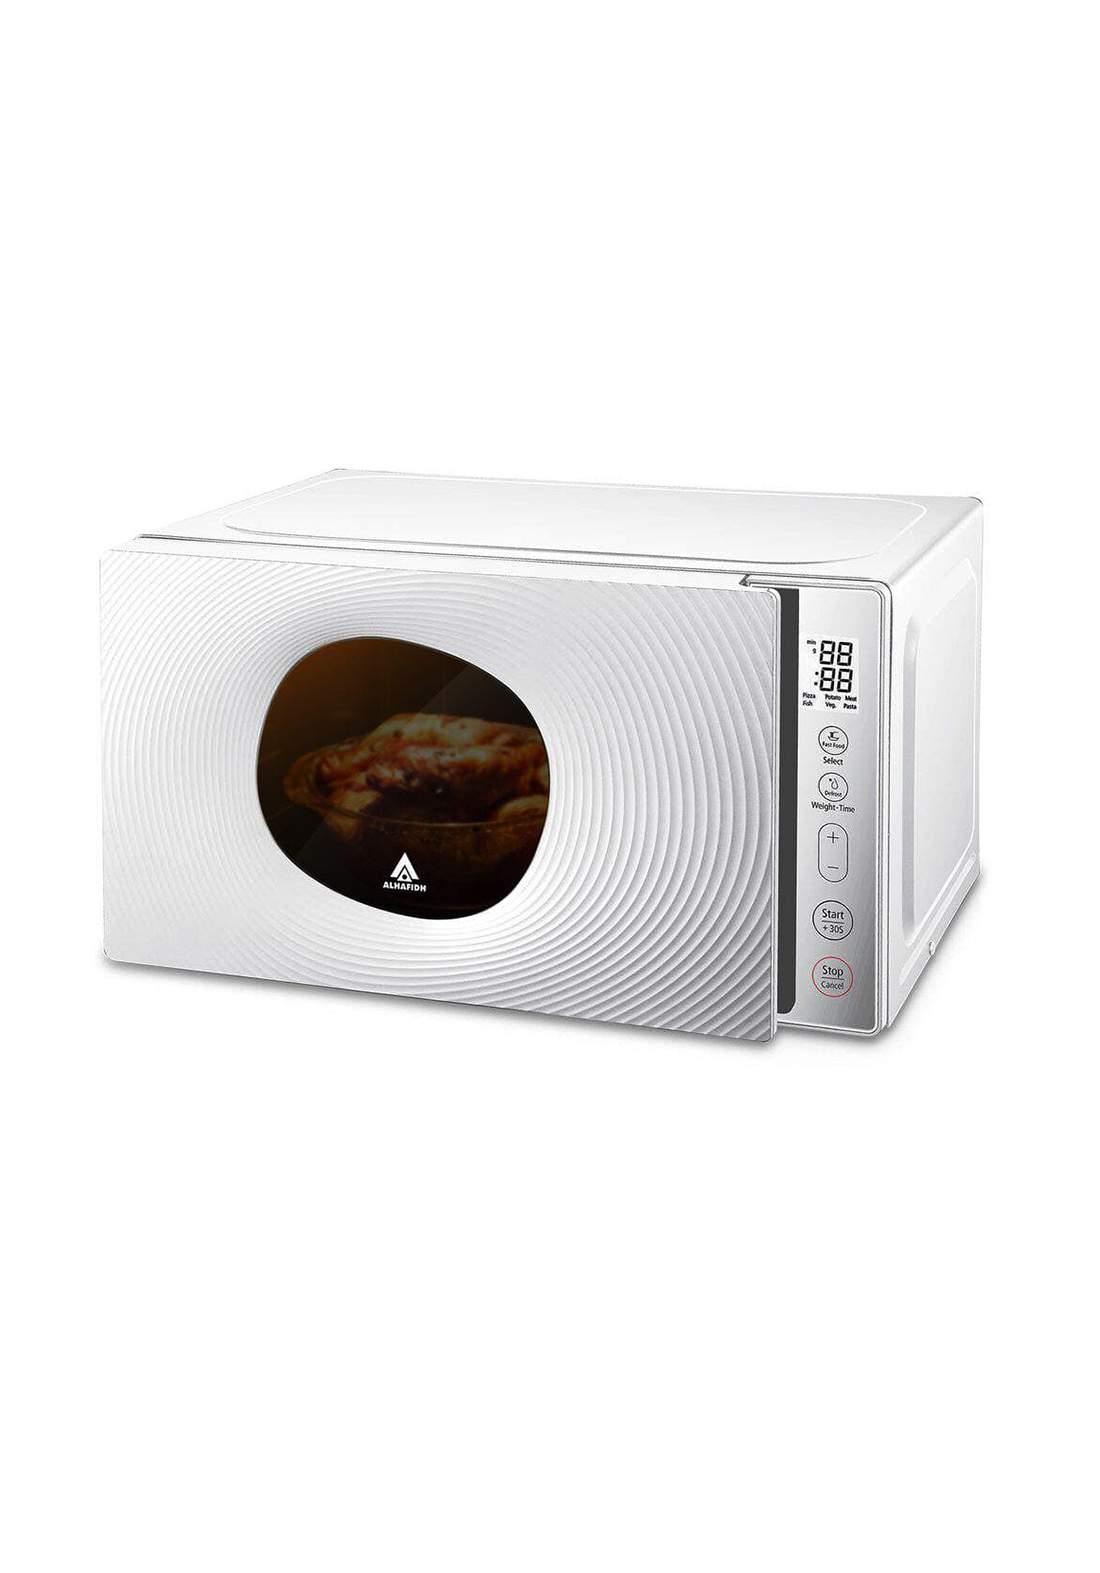 Alhafidh-MWHA-25S8W Solo Microwave Oven 25L مايكرويف